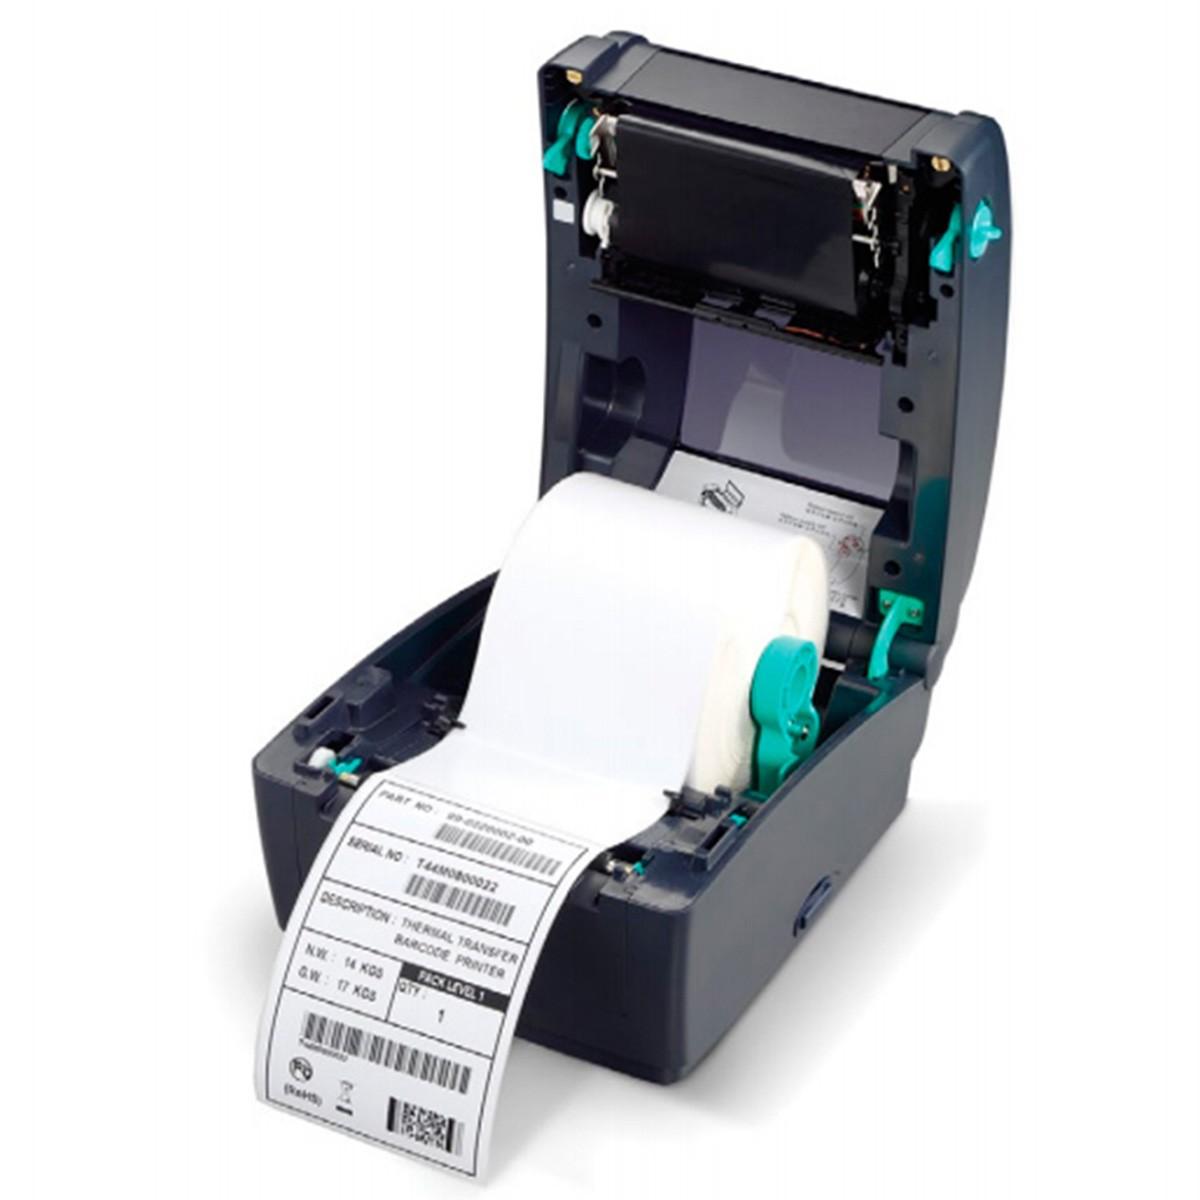 Impressora de Etiquetas Térmica - TTP 244 CE - TSC